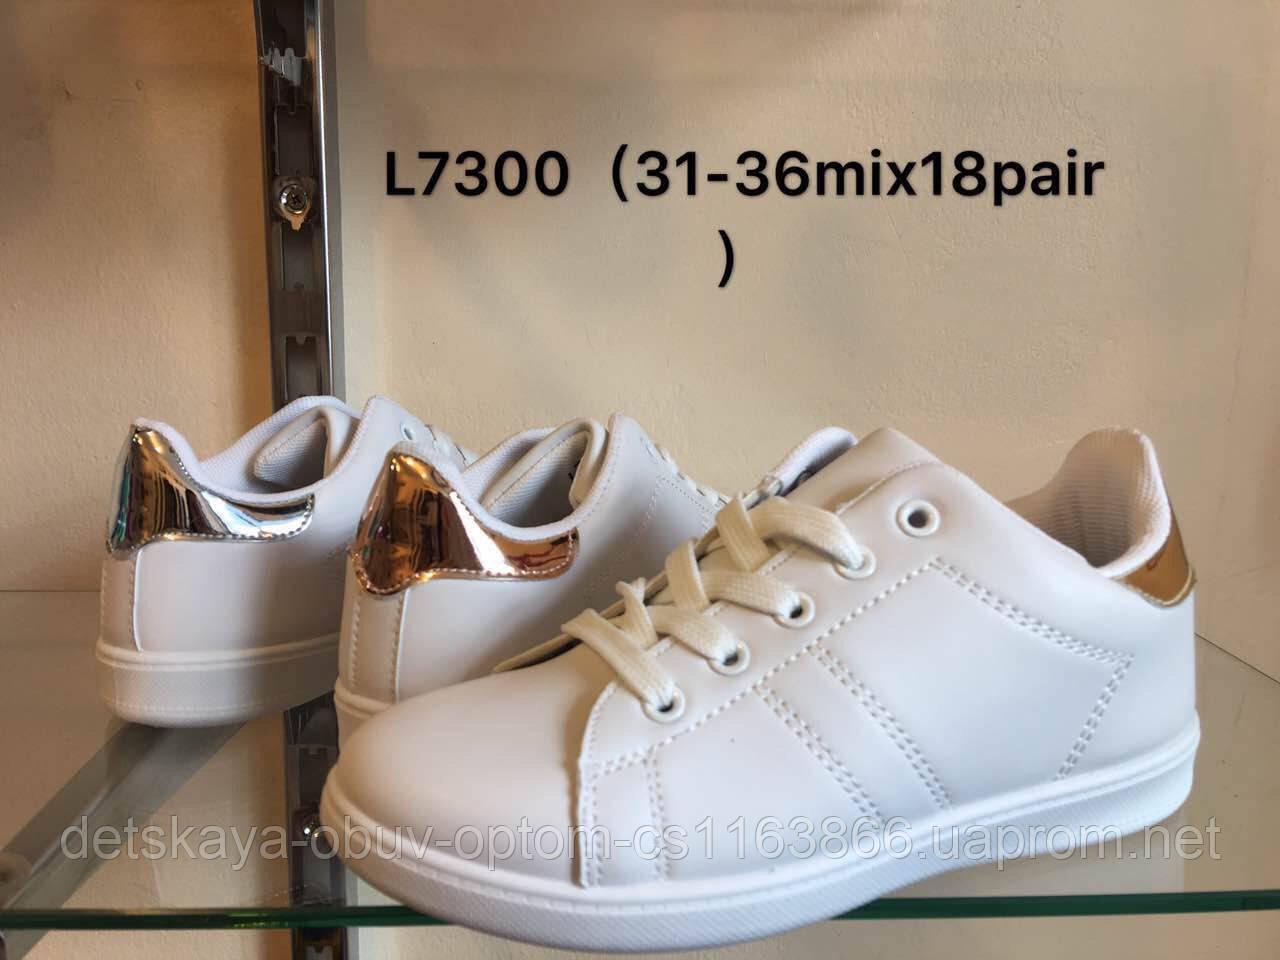 bb225df4 Детские белые кроссовки кеды оптом Размеры 31-36, цена 260 грн., купить в  Львове — Prom.ua (ID#473351706)